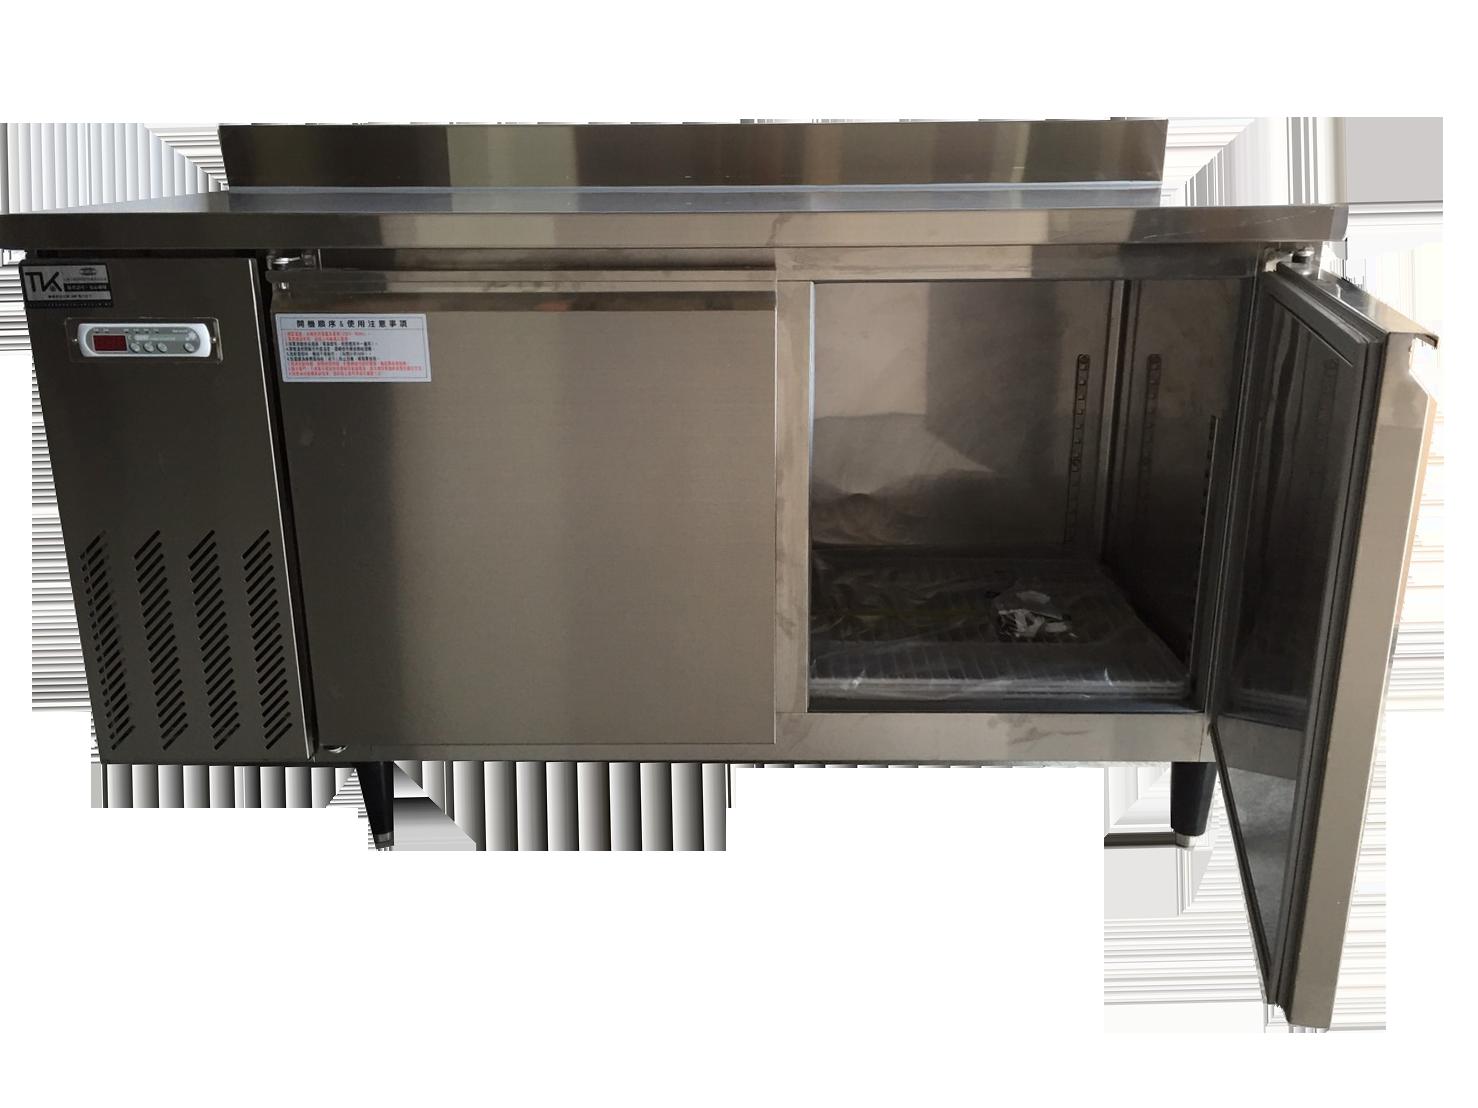 臥式無霜冷凍冷藏櫃 1.png